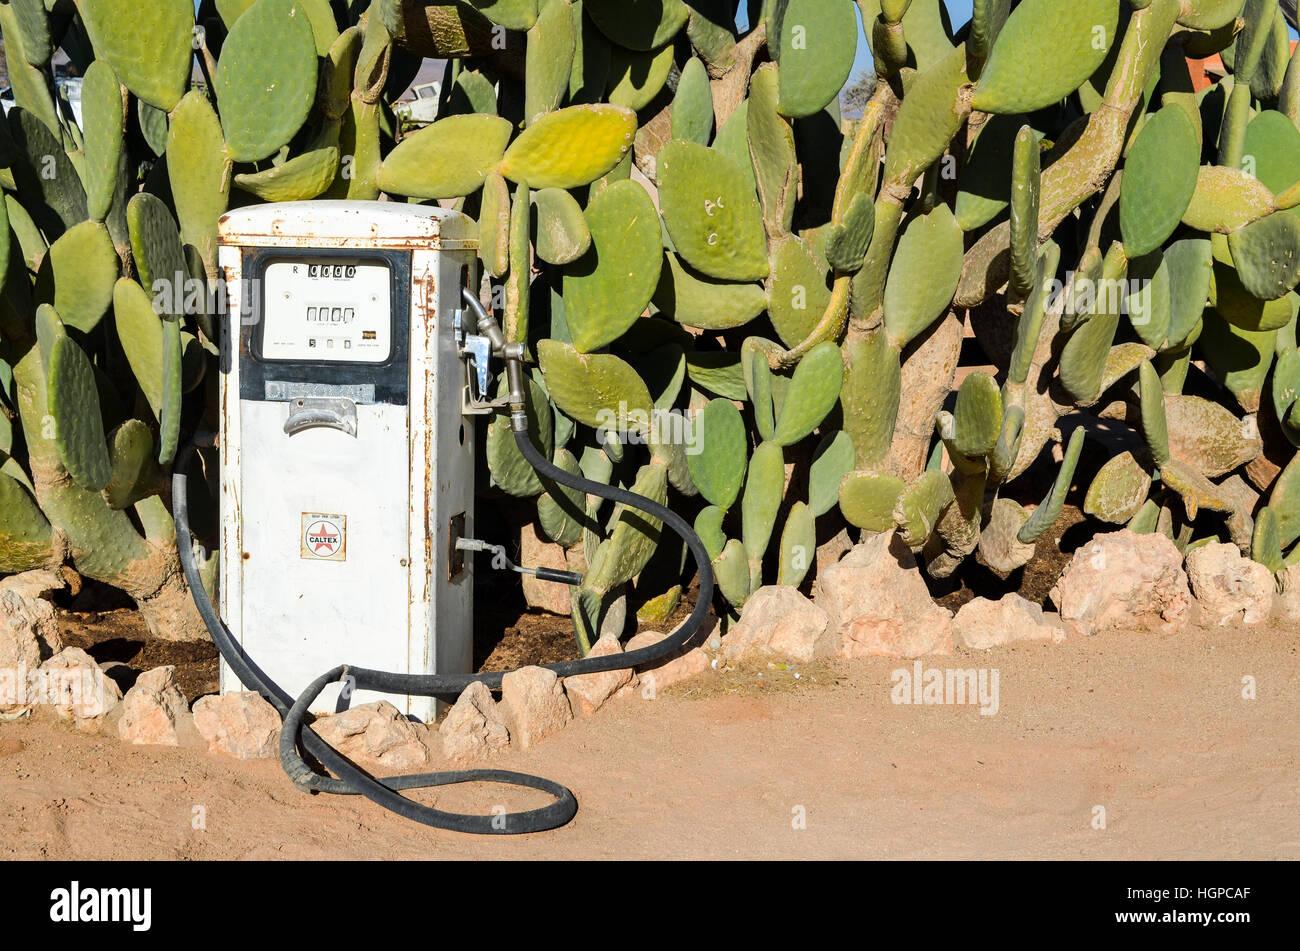 La pompe à essence et cactus arbres en solitaire, la Namibie Photo Stock